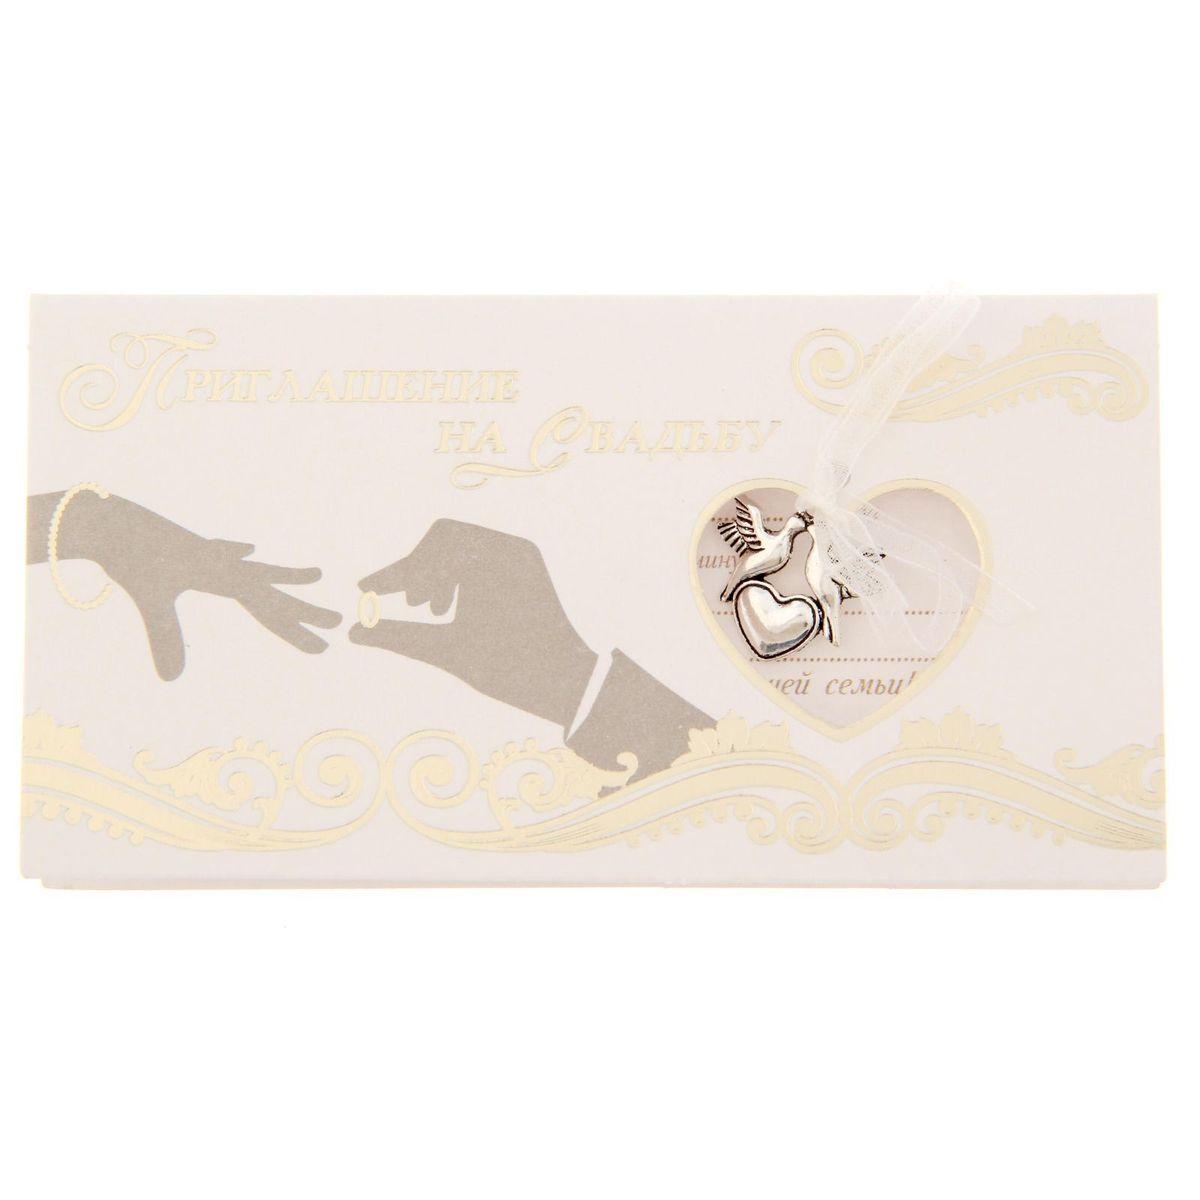 Приглашение на свадьбу Sima-land Руки, цвет: молочный, светло-розовый, 13 х 7 см приглашение на свадьбу с тиснением золотом кольца